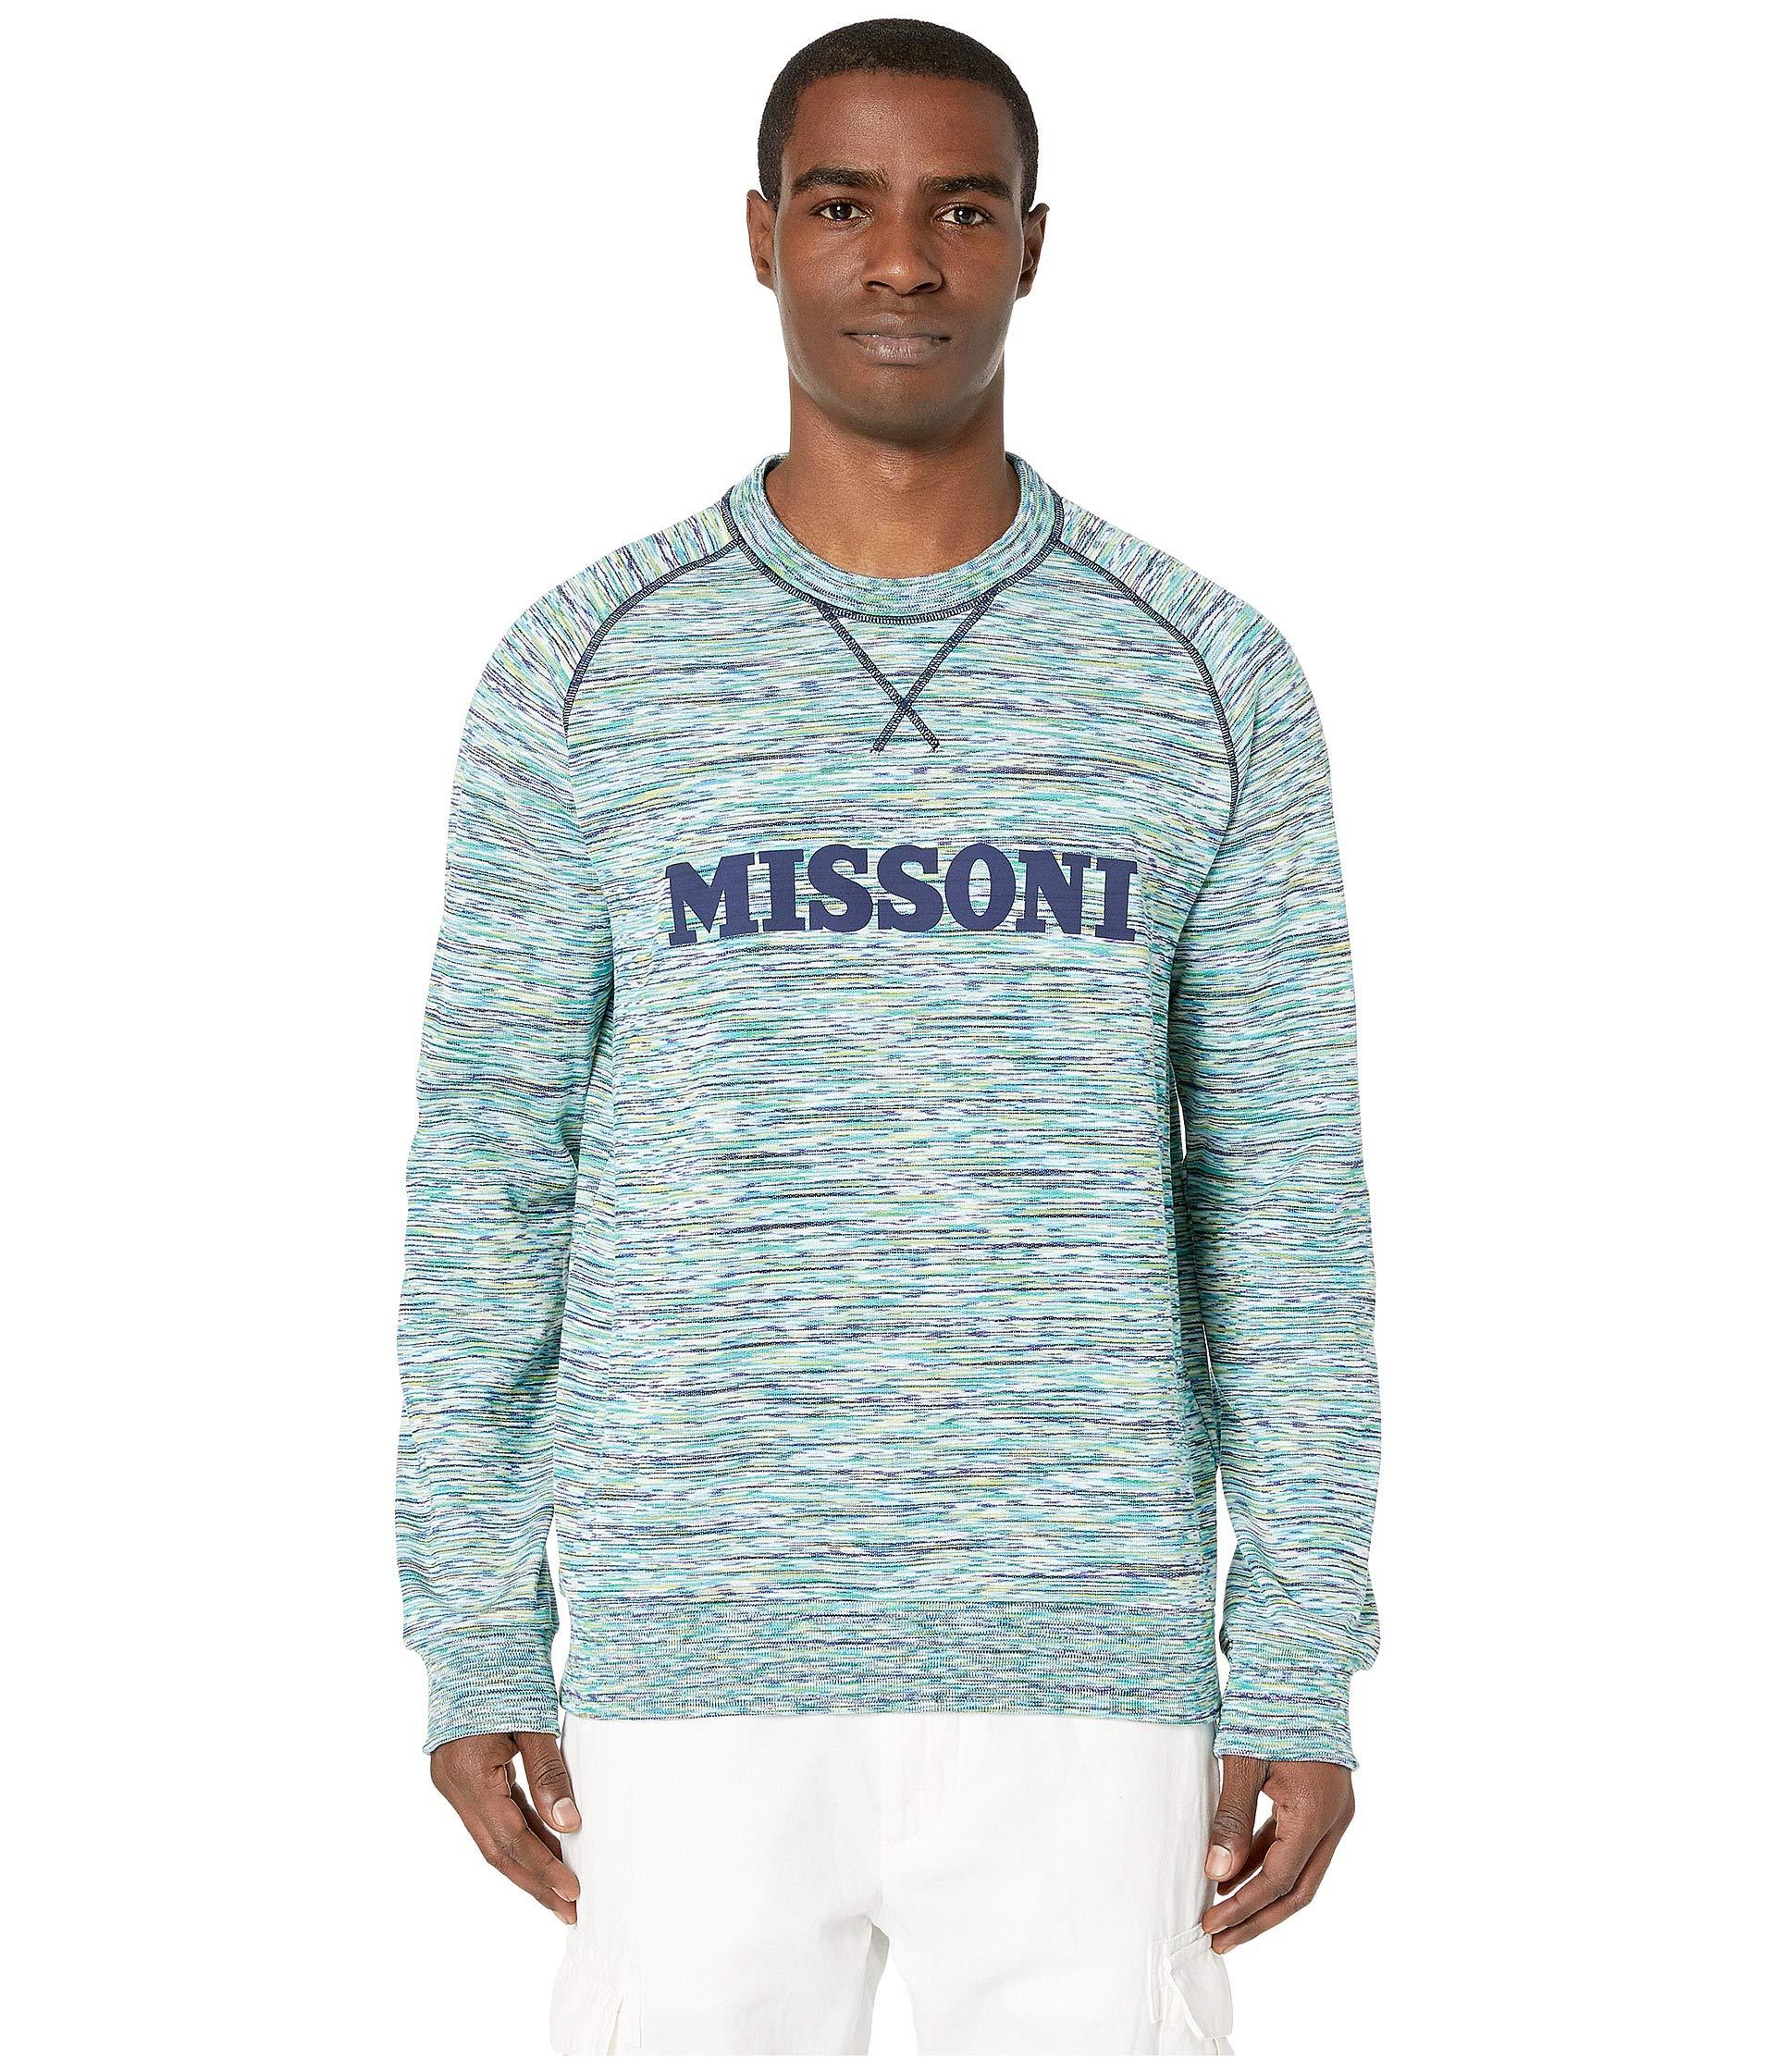 Sweatshirt Fiammato Multi Missoni Missoni Fiammato Sweatshirt Green Green w8x8Xzqnp